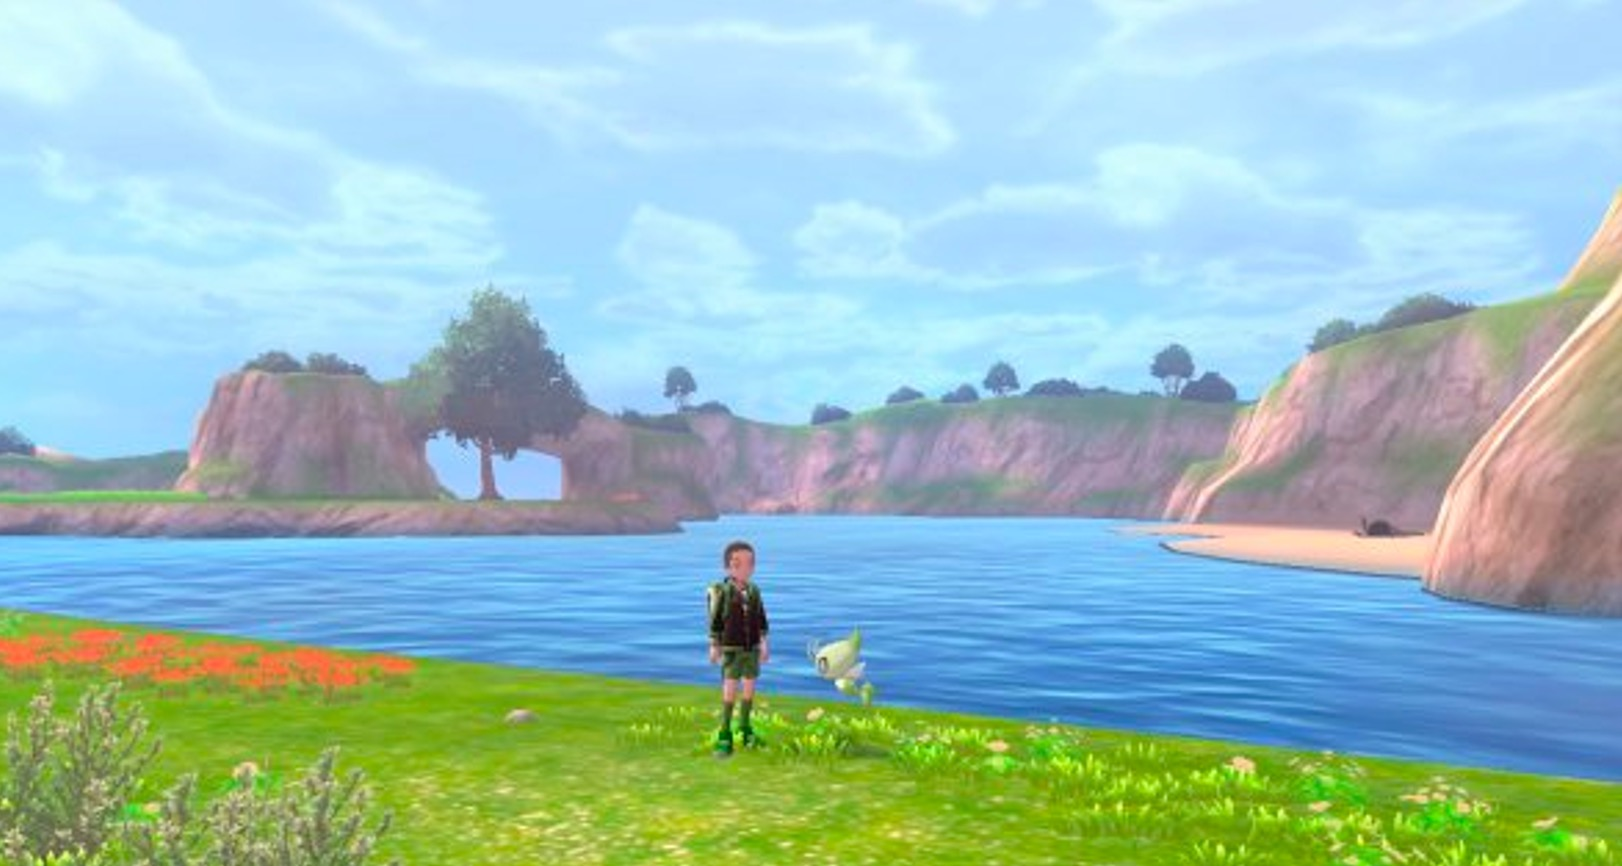 loop lagoon pokemon